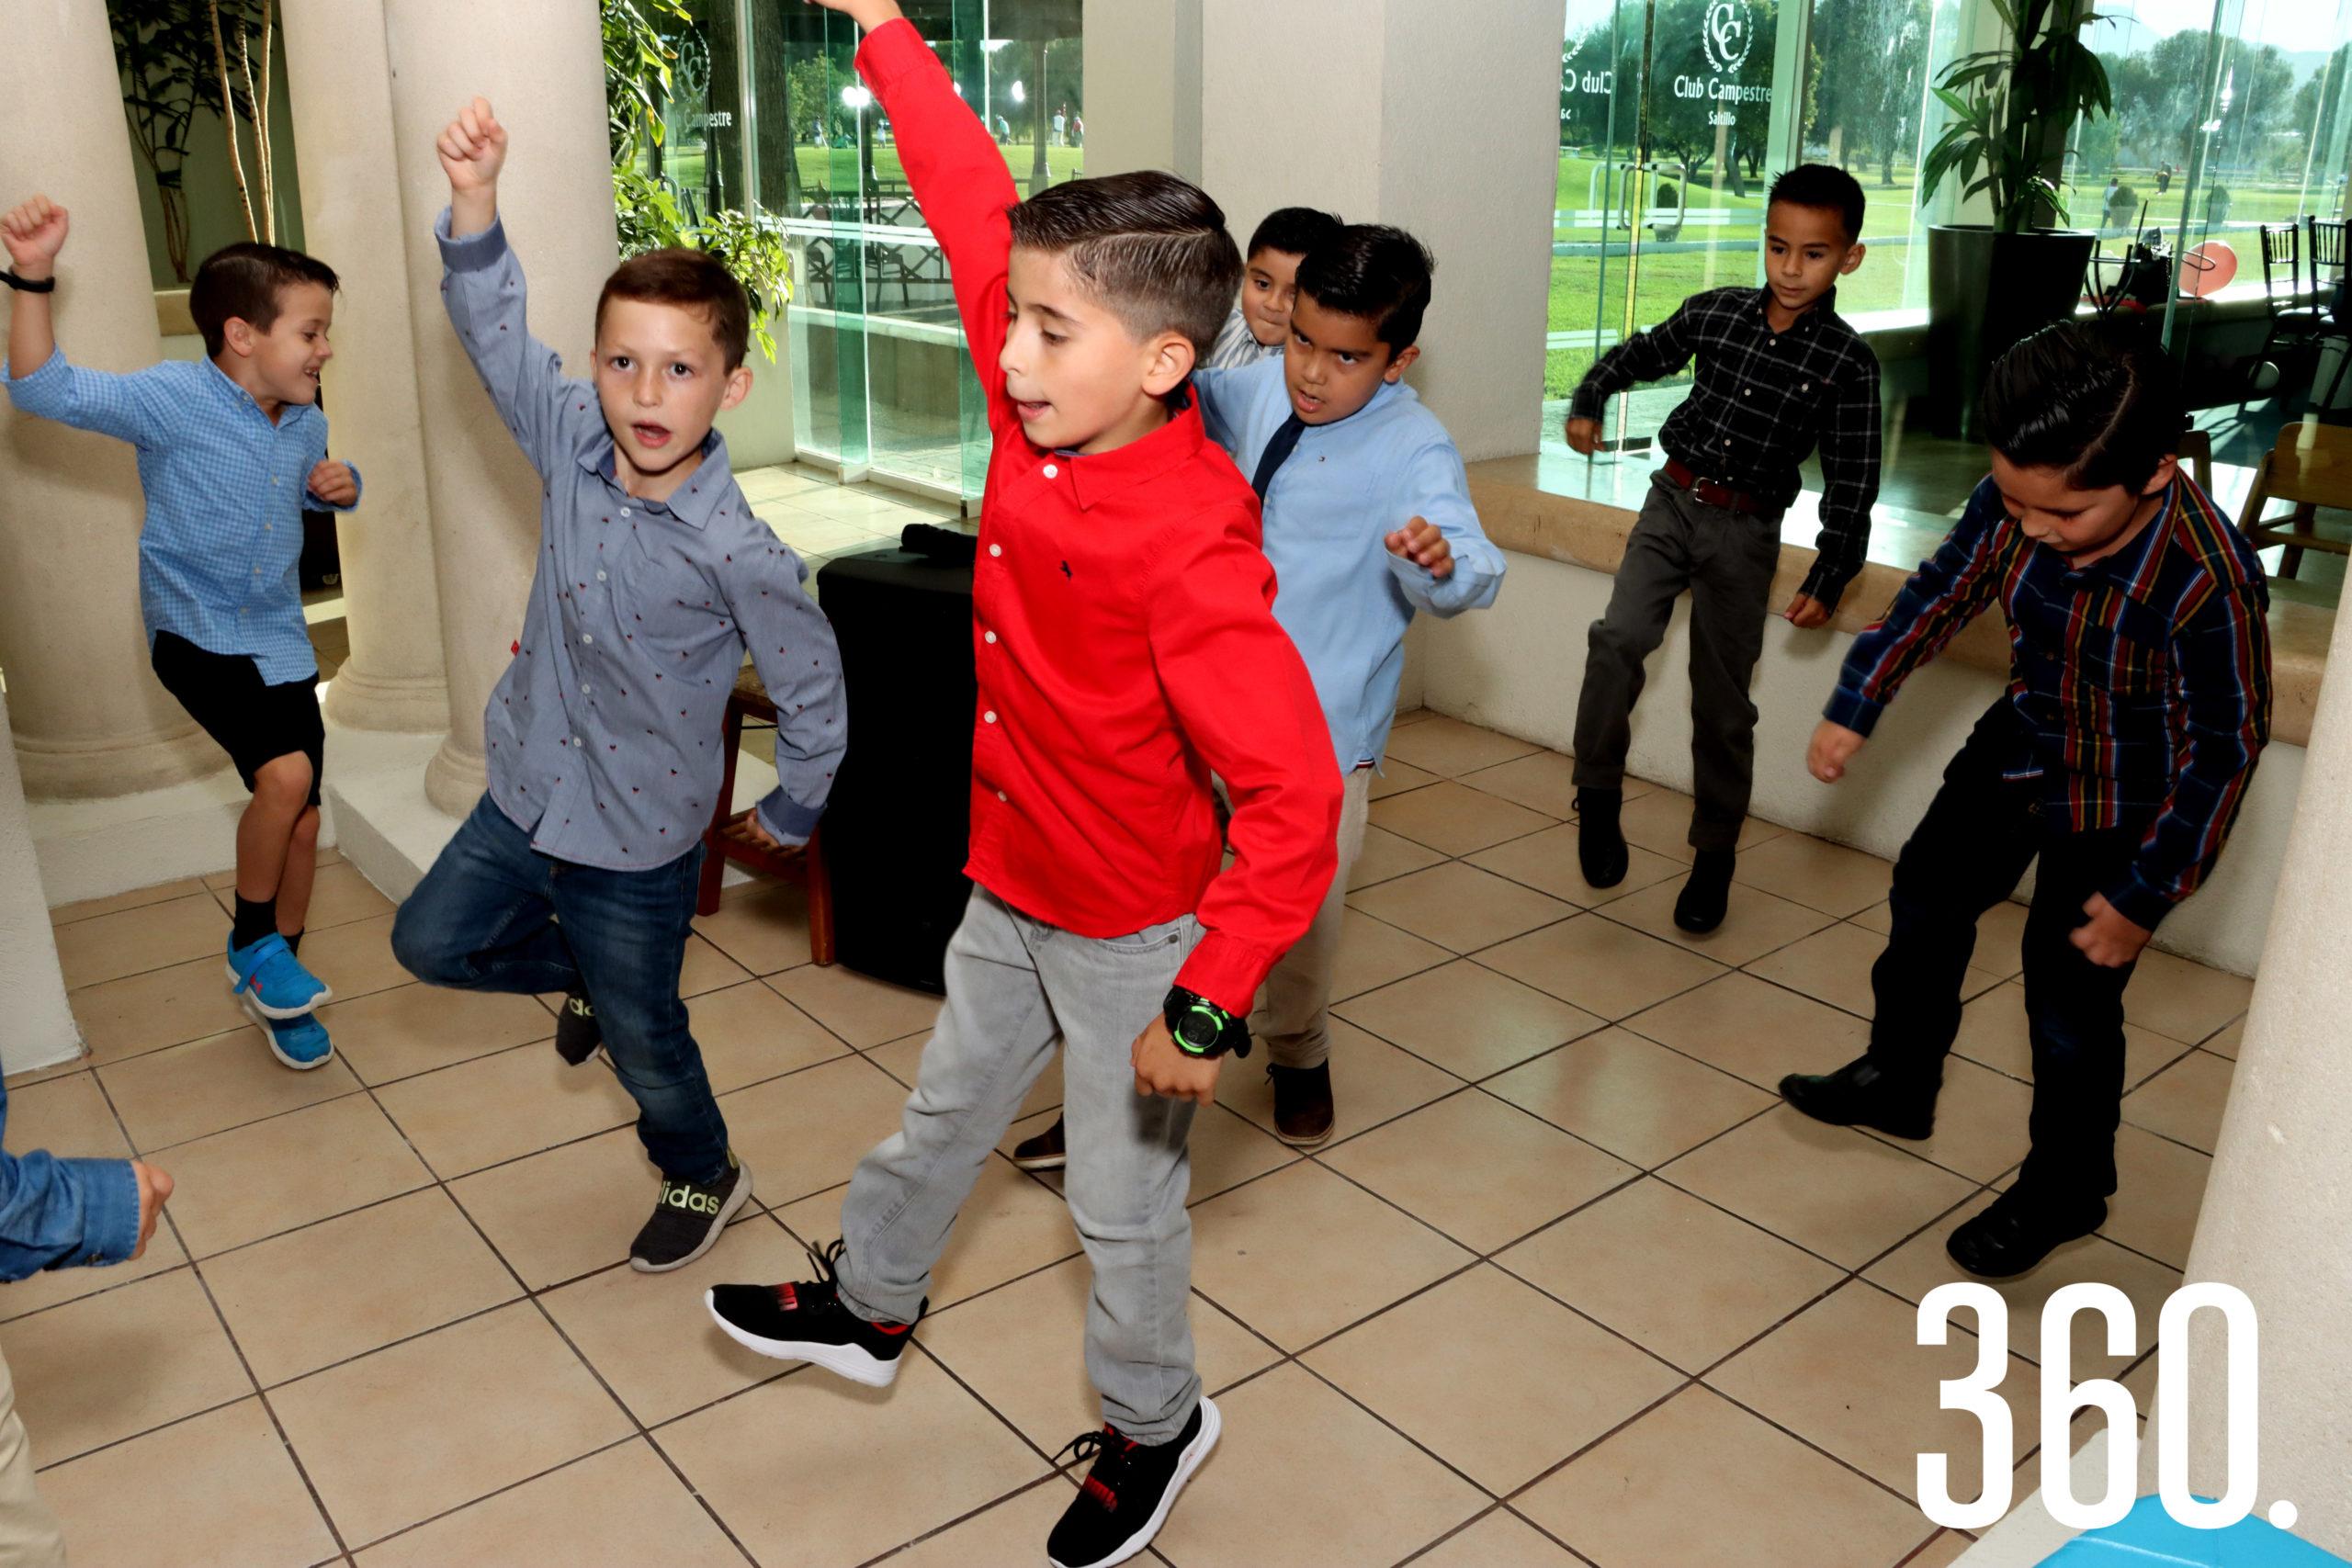 Los niños cerraron el ciclo bailando y cantando.